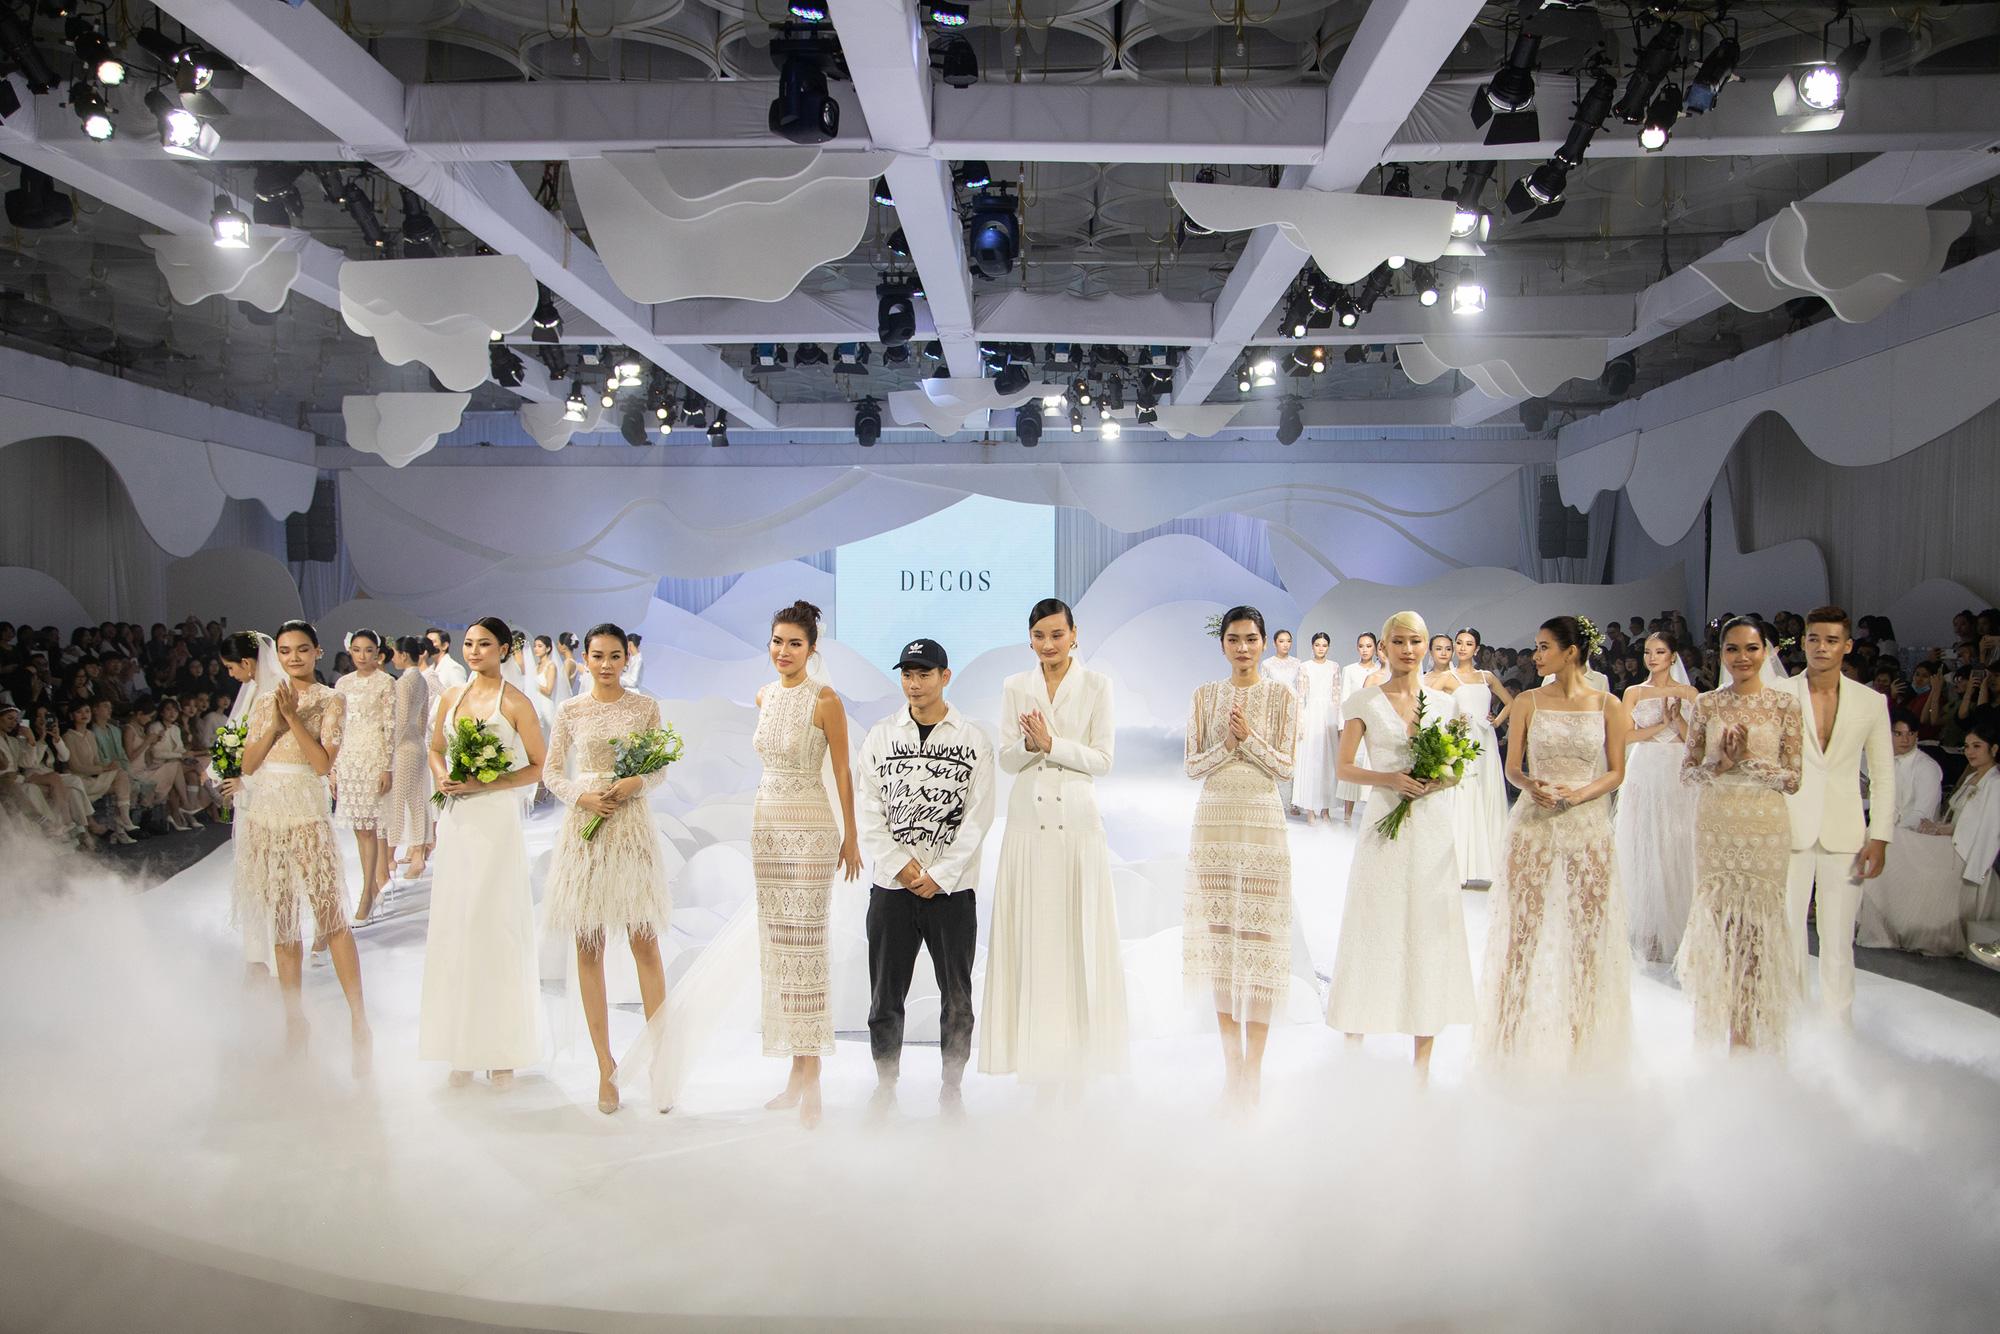 """Show váy cưới của NTK Nguyễn Phương Đông: Lê Thuý làm first face, Minh Tú đắt show tiếp tục """"vào vai"""" vedette - Ảnh 3."""